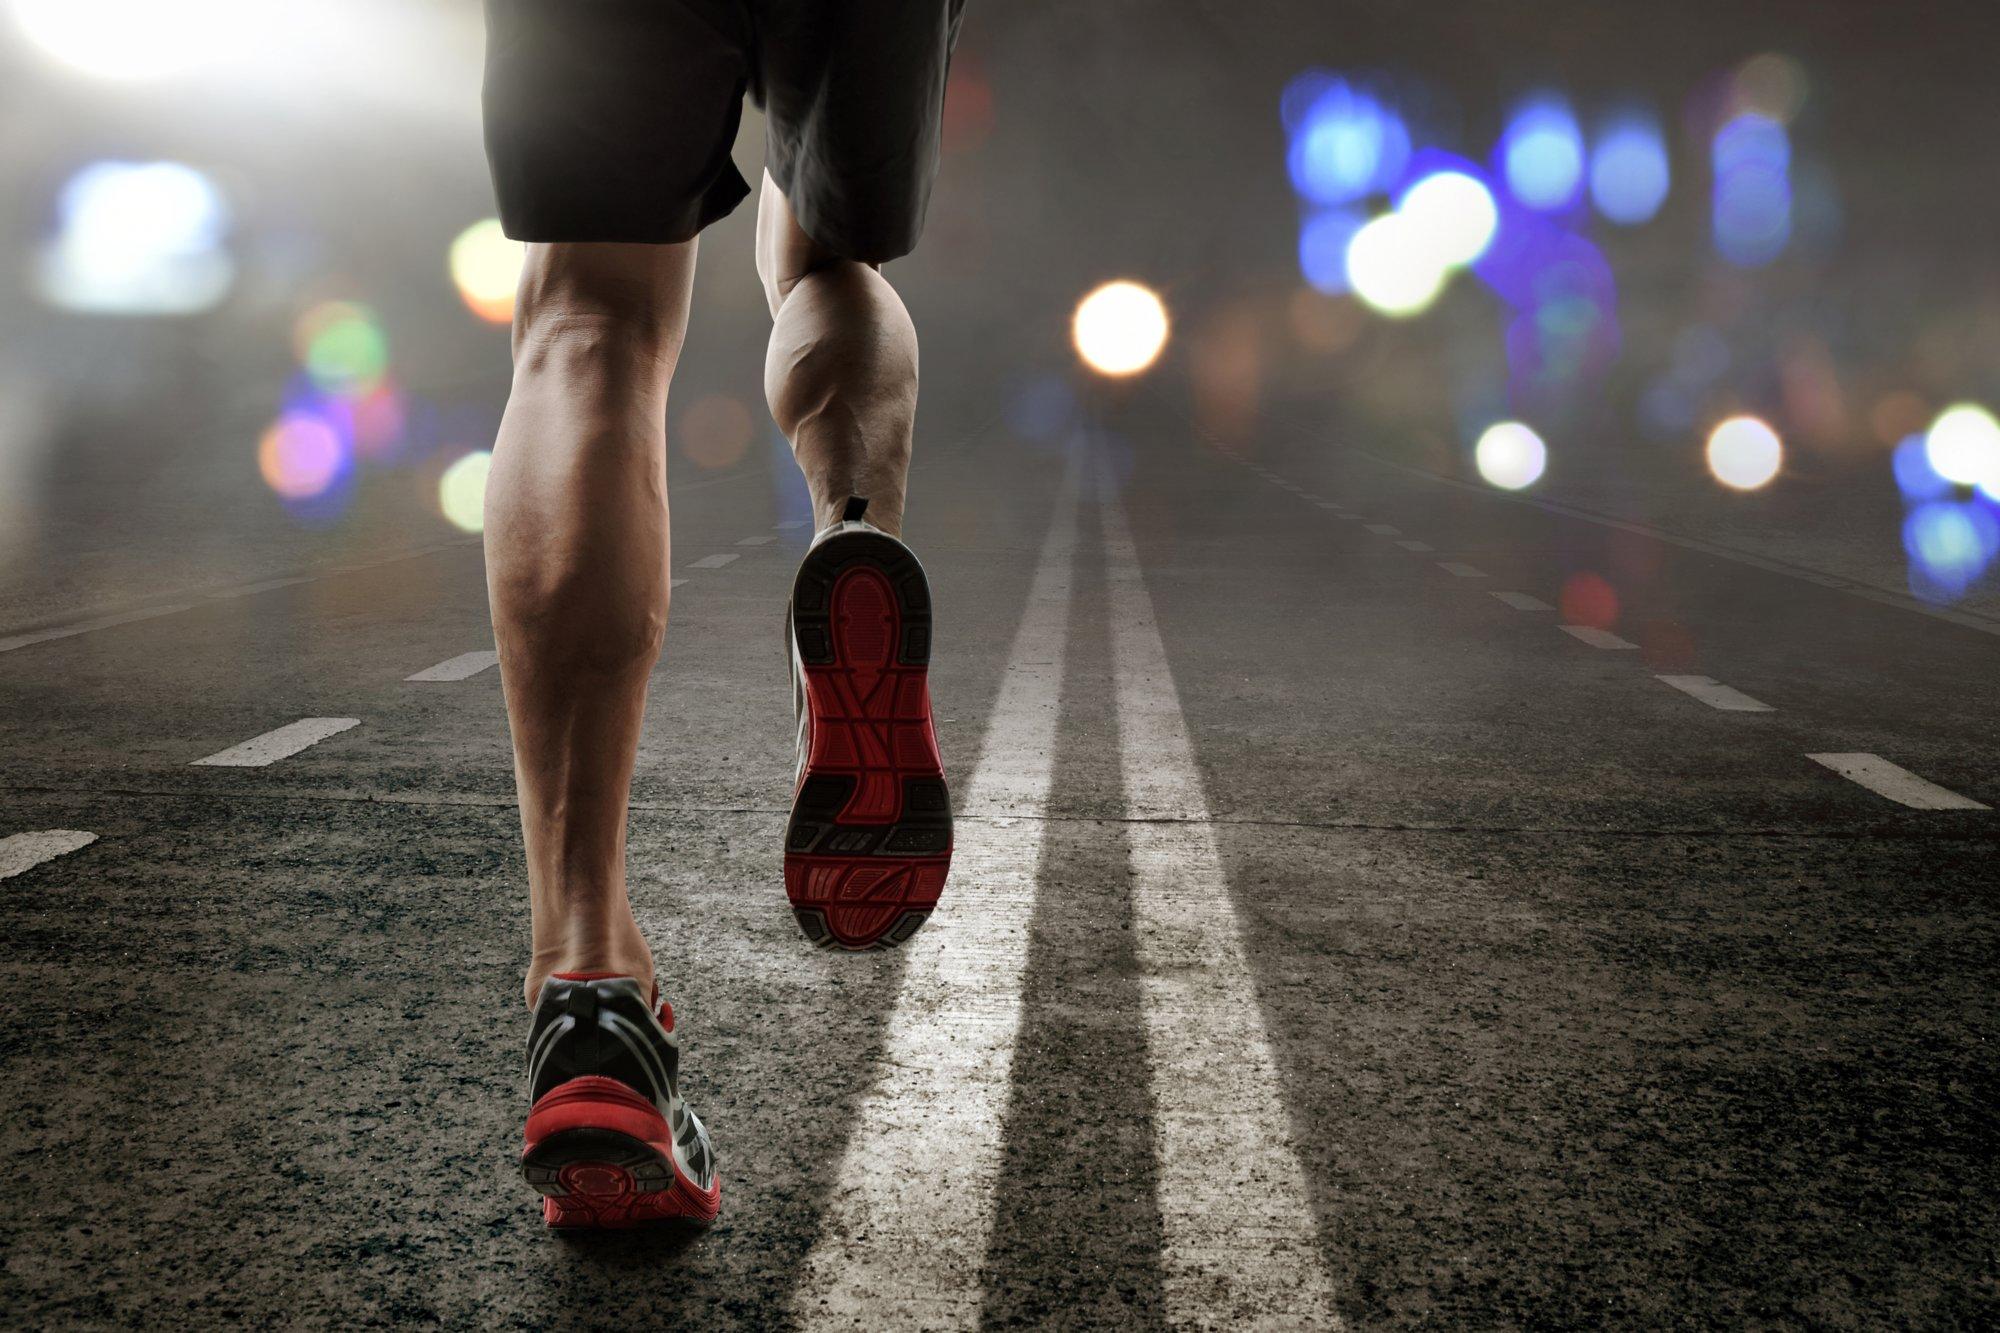 Night City Endurance: 12 годин драйву та фізичних навантажень